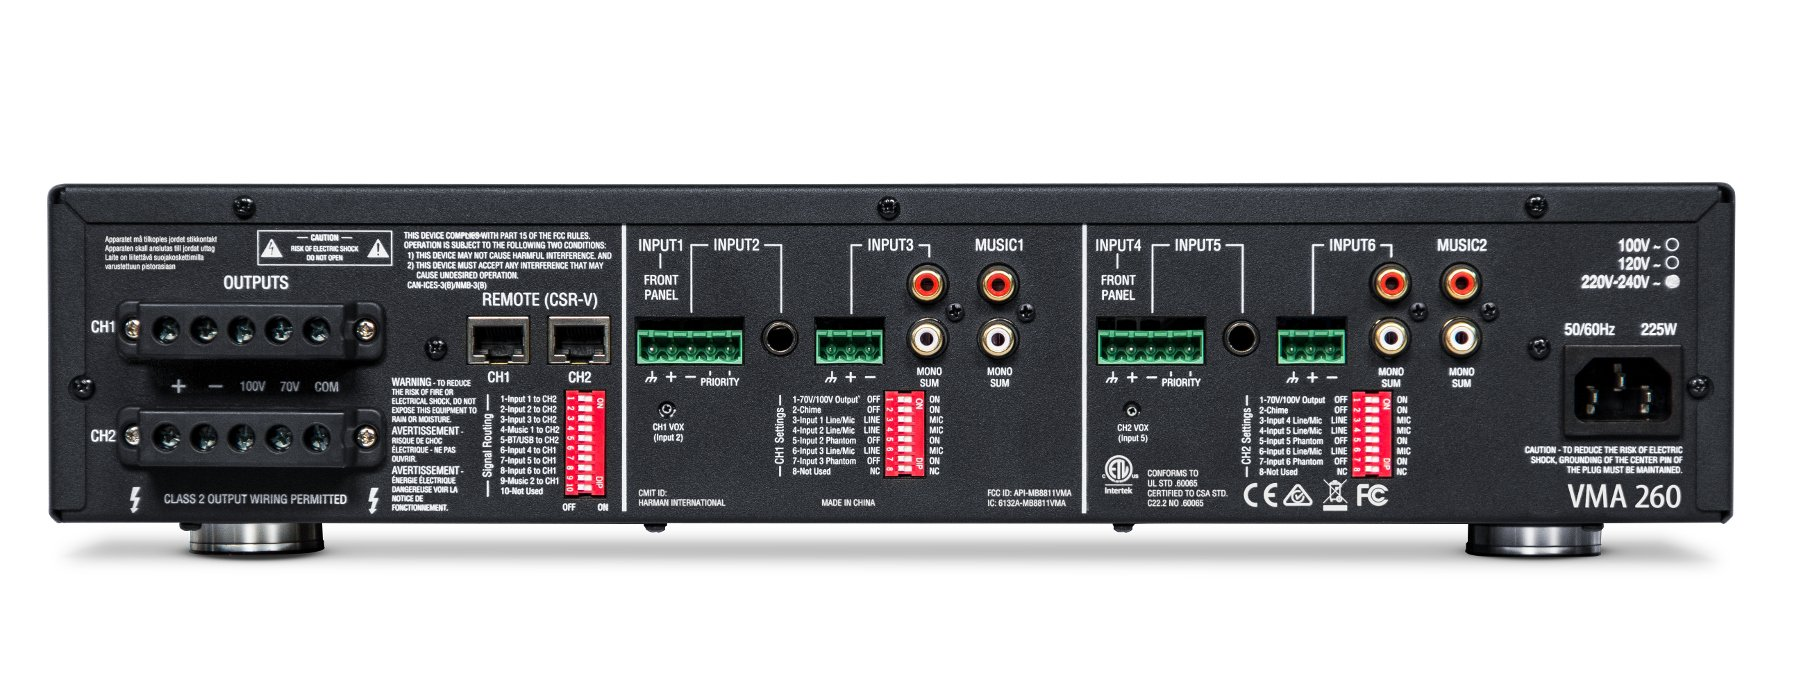 JBL VMA 260 Mixer/Amplifier 8 Input x 2 60-Watt Output VMA260